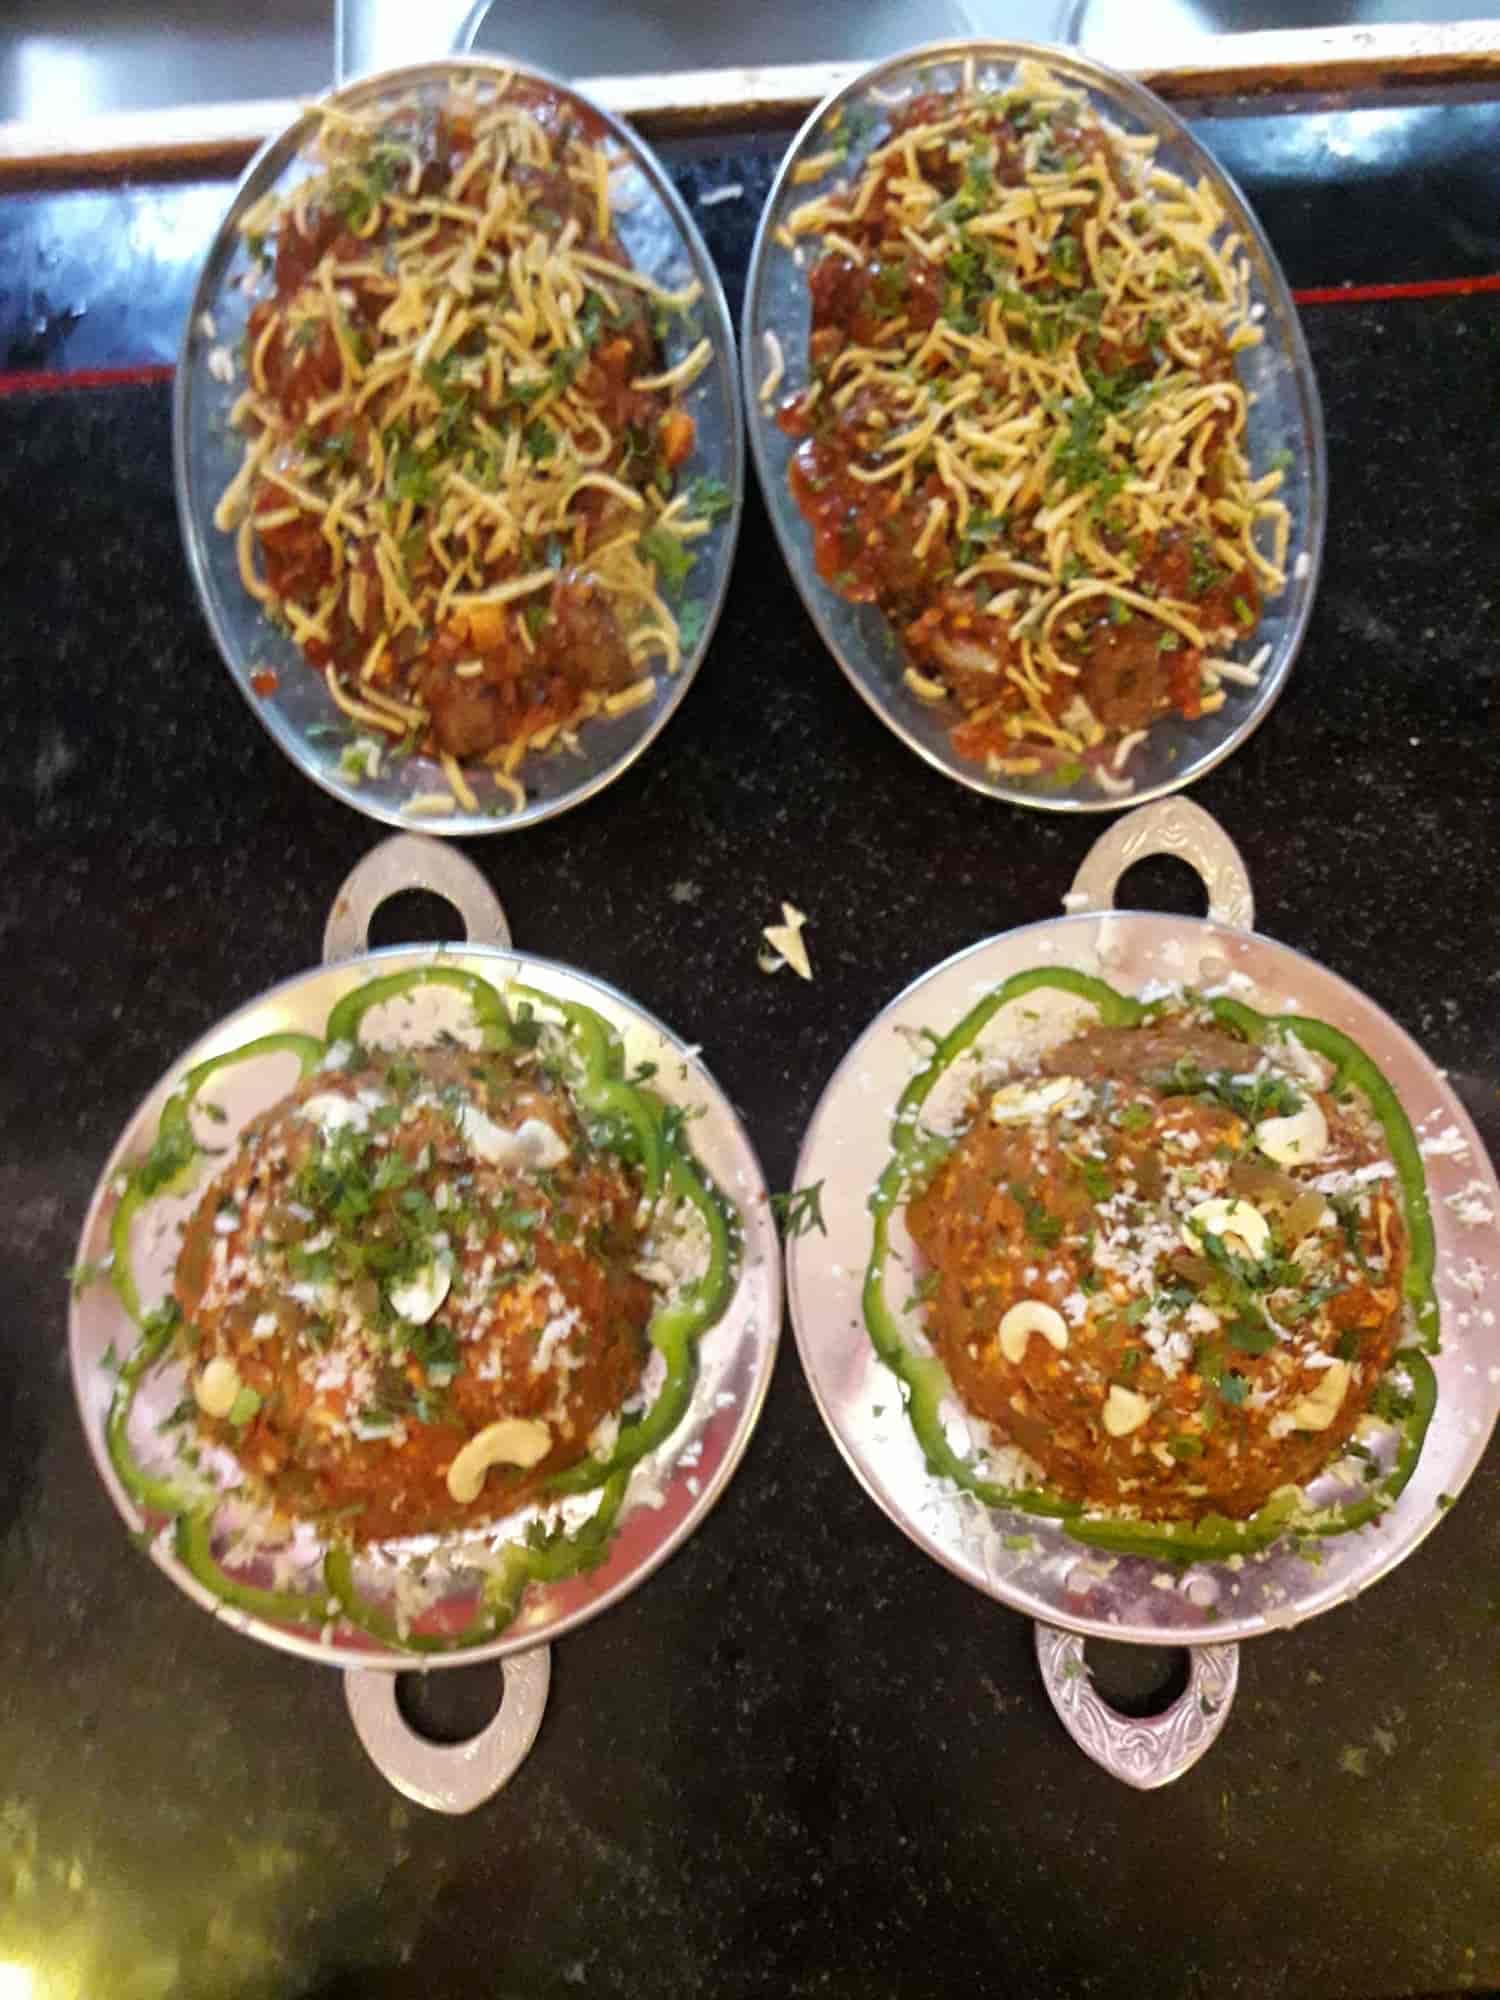 Pure Veg Thali Restaurants In Calangute Goa Restaurants Pure Veg Thali Calangute Justdial